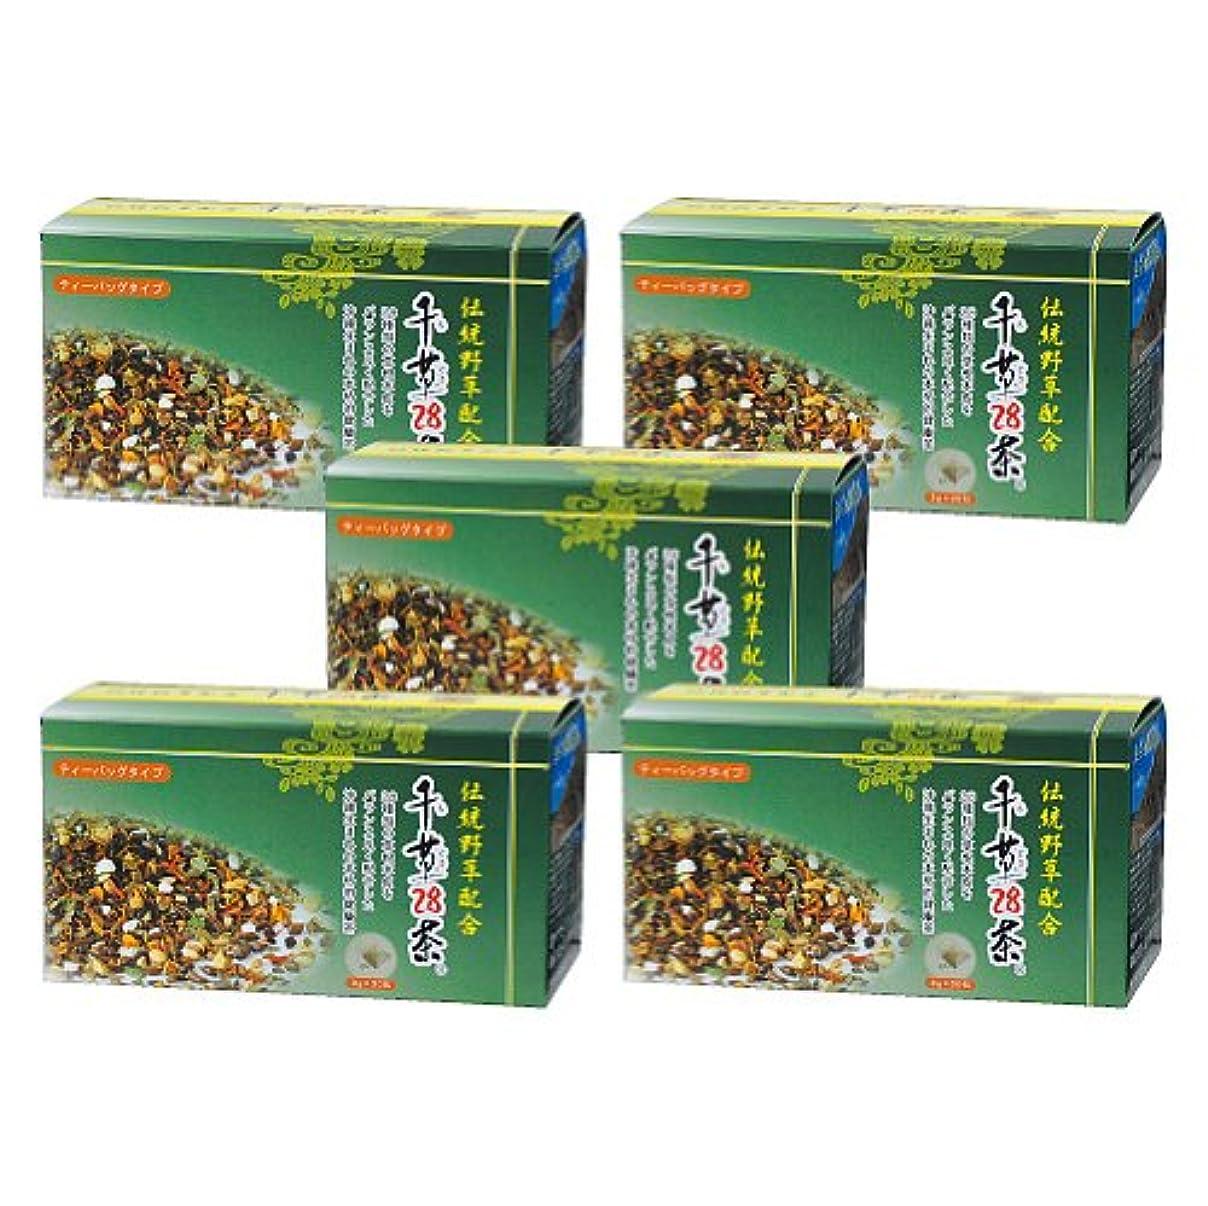 ブランチアブストラクト近所の千草28茶 ティーバッグタイプ 30包×5個